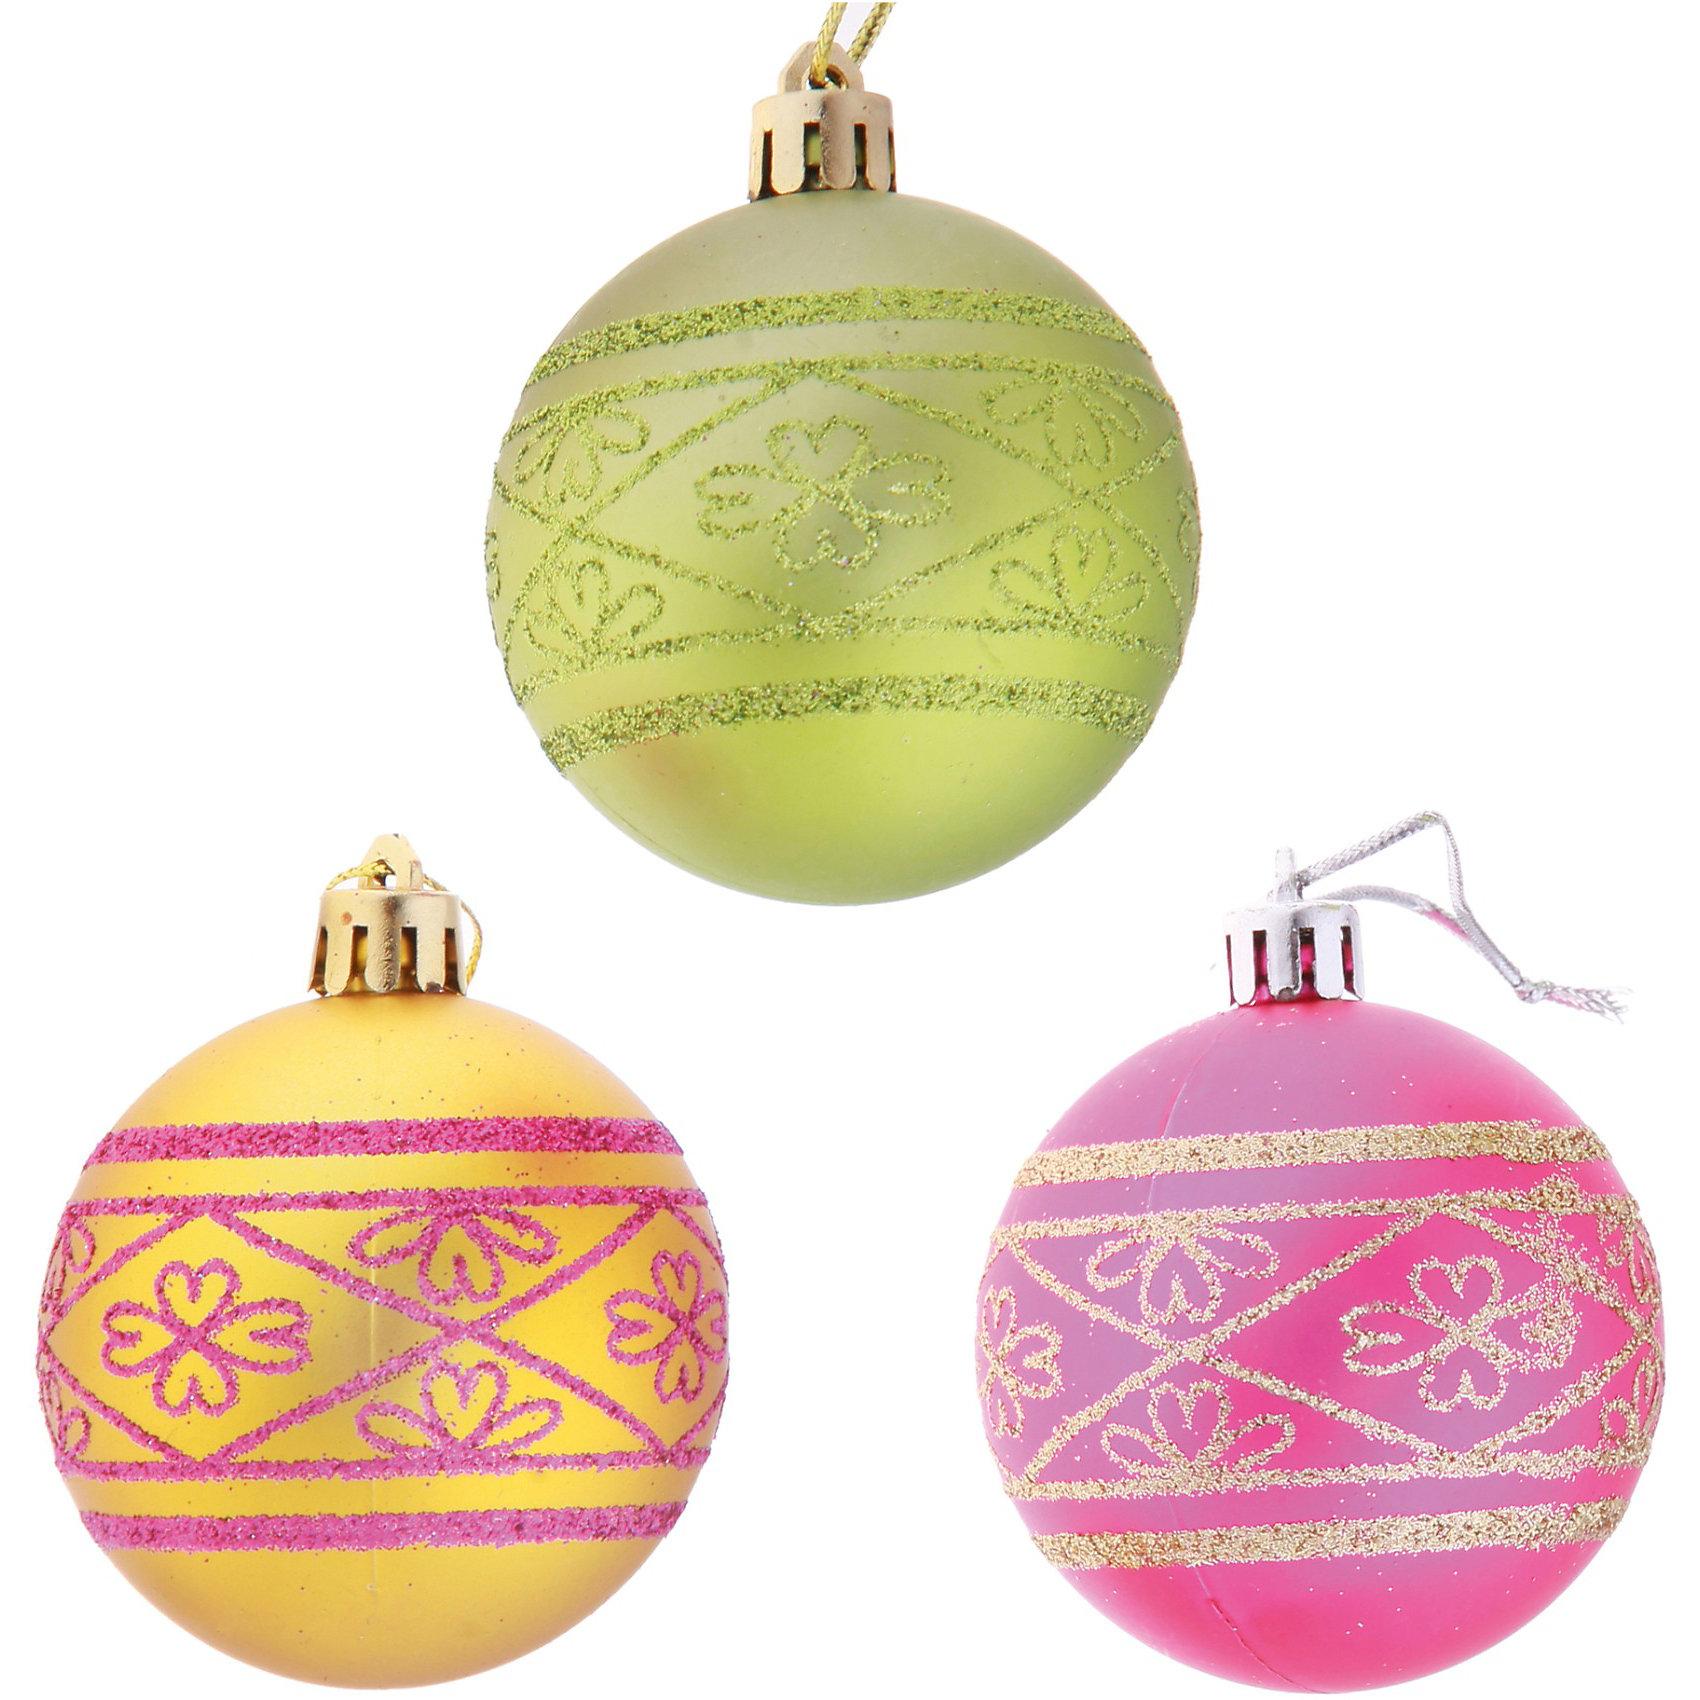 Набор шаров с узором (6 шт, диаметр 6 см), Волшебная странаНабор шаров с узором, Волшебная страна станет замечательным украшением для Вашей новогодней елки и поможет создать праздничную волшебную атмосферу. В комплекте шесть разноцветных шаров, украшенных симпатичным узором с блестками. Шары выполнены из пластика, не бьются и безопасны для детей.<br><br>Дополнительная информация:<br><br>- В комплекте: 6 шт.<br>- Материал: пластик.<br>- Диаметр шара: 6 см.<br>- Размер упаковки: 17,5 x 5,8 x 11,6 см.<br>- Вес: 87 гр.<br><br>Набор шаров с узором, Волшебная страна можно купить в нашем интернет-магазине.<br><br>Ширина мм: 620<br>Глубина мм: 60<br>Высота мм: 120<br>Вес г: 84<br>Возраст от месяцев: 36<br>Возраст до месяцев: 2147483647<br>Пол: Унисекс<br>Возраст: Детский<br>SKU: 3800232